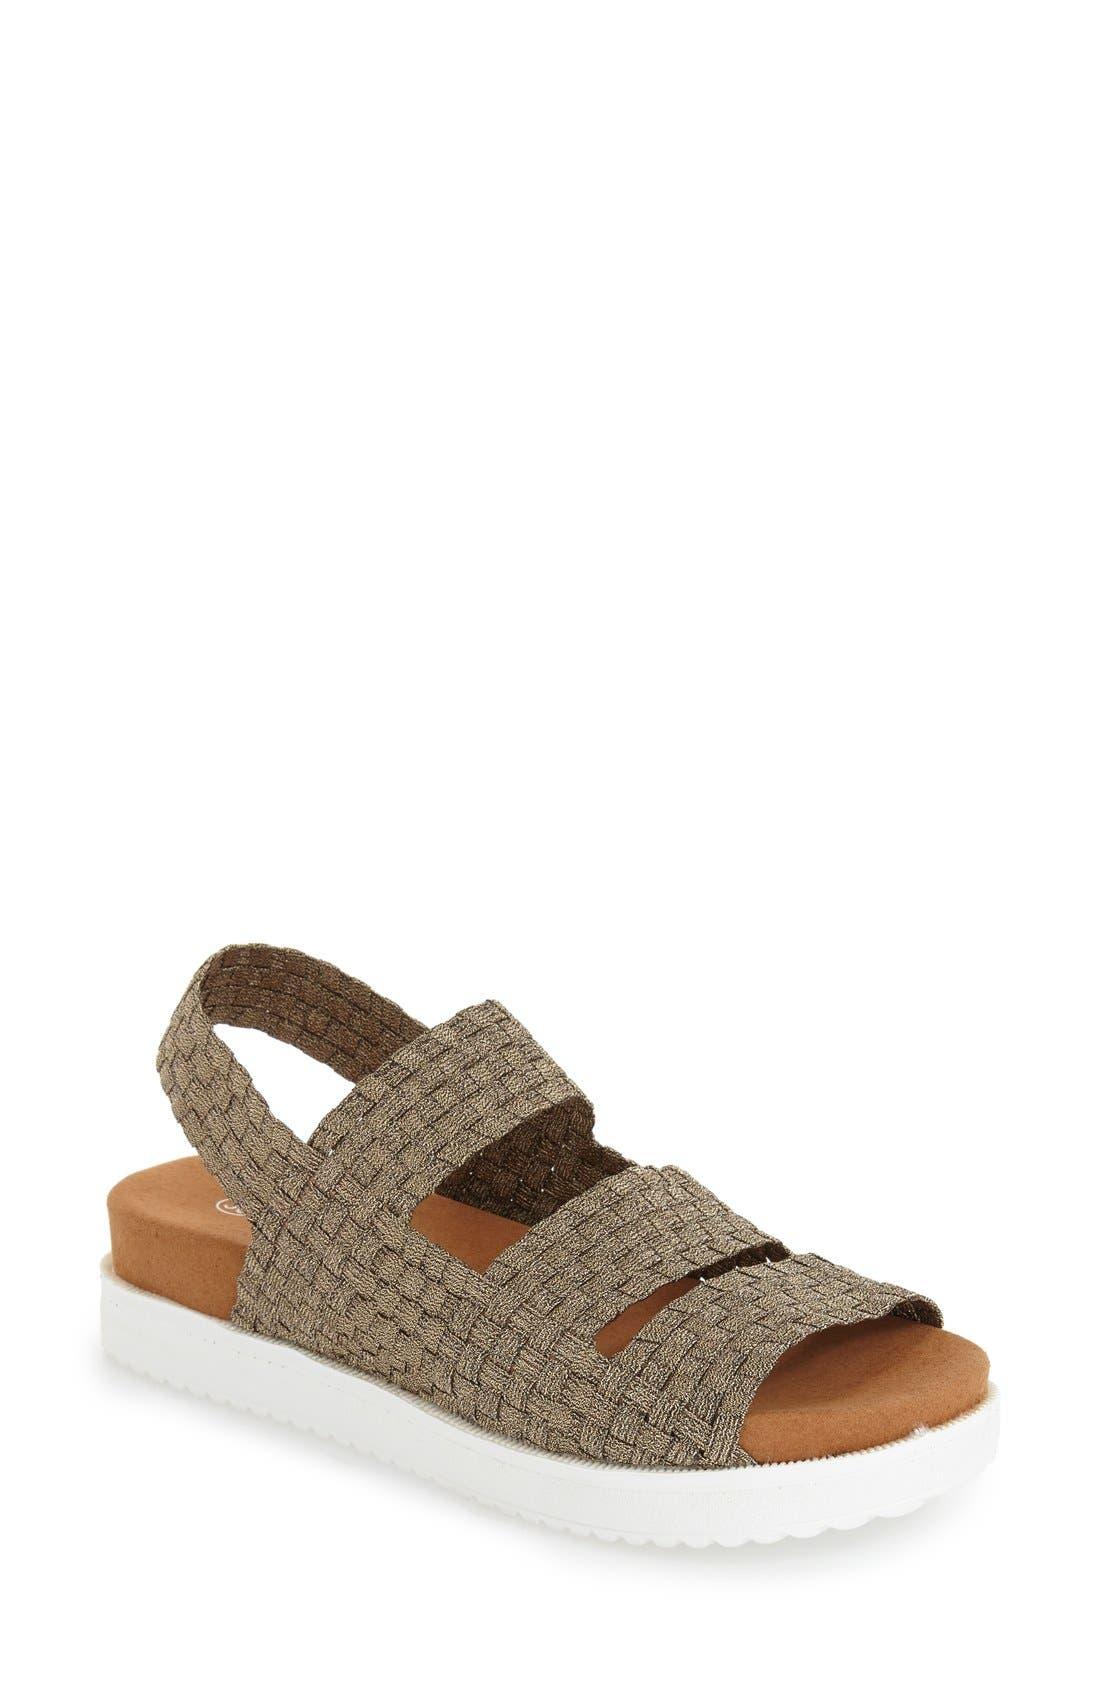 'Crisp' Woven Platform Sandal,                         Main,                         color, BRONZE FABRIC